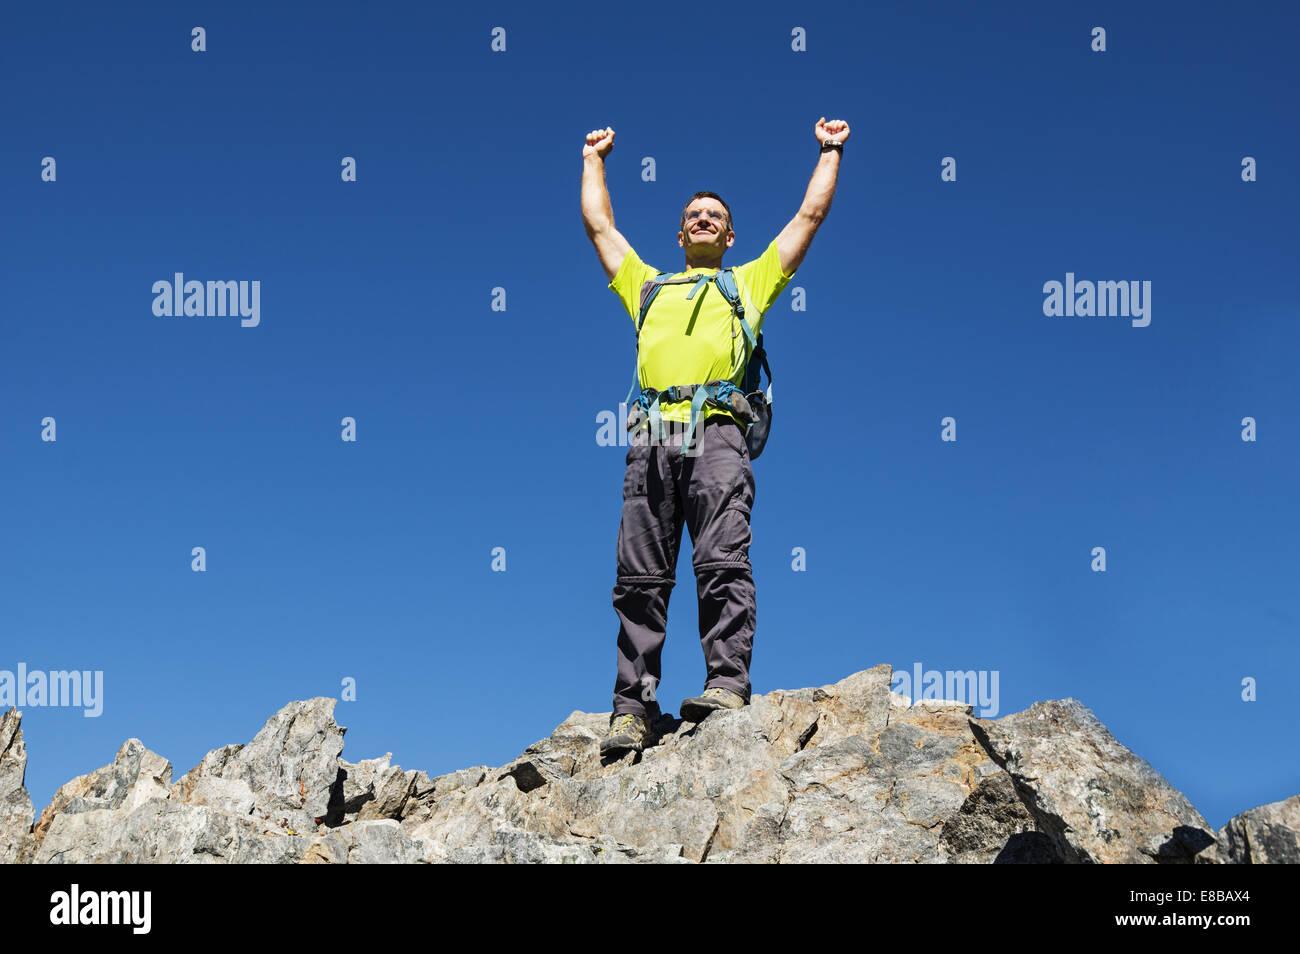 Mann feiert seinen Erfolg auf dem Gipfel des Hurd durch die Erhöhung seiner Fäuste Stockbild